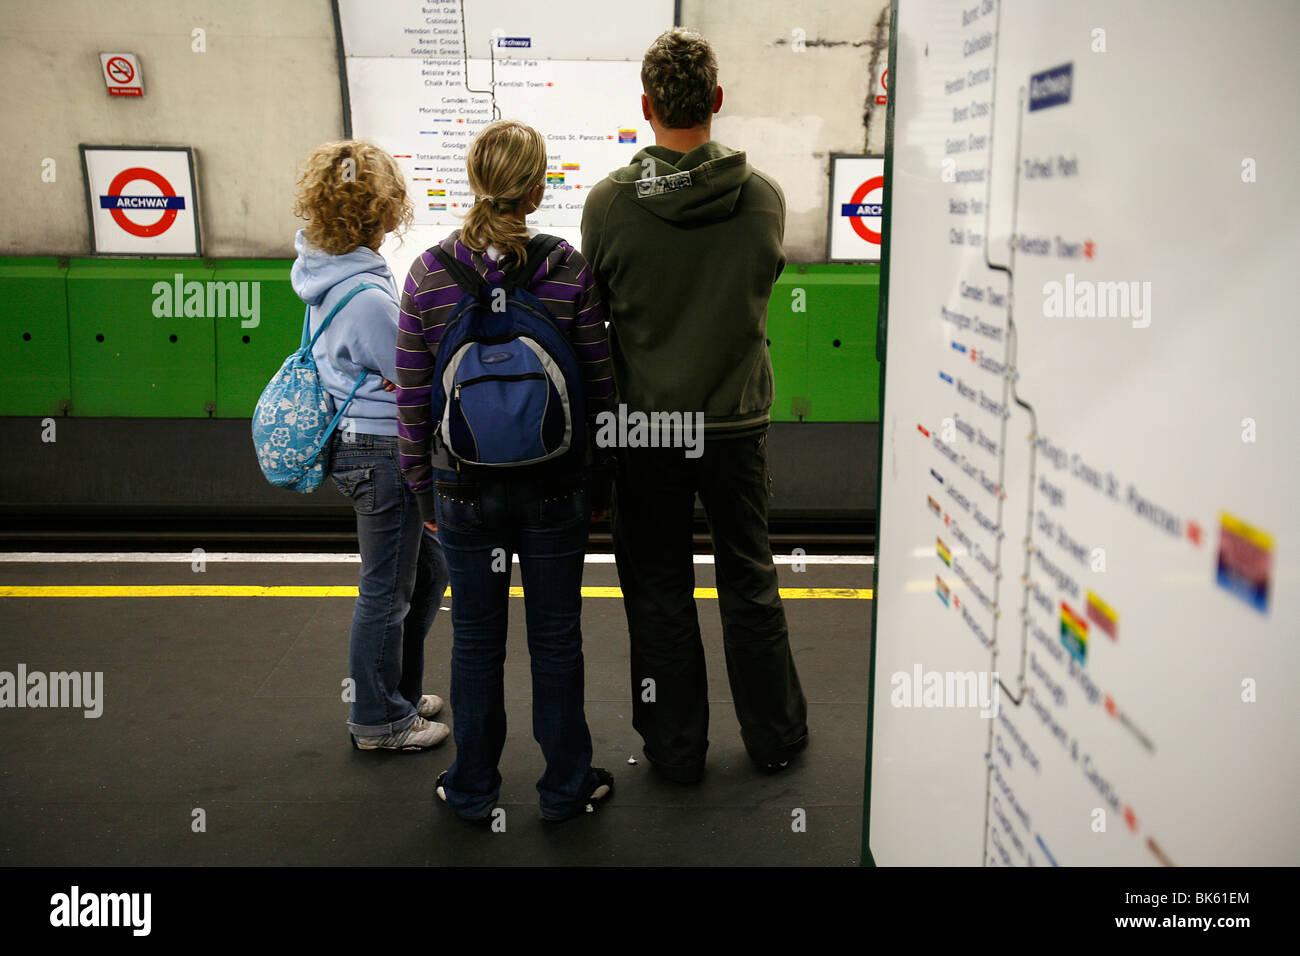 London tube, London, England, United Kingdom, Europe - Stock Image